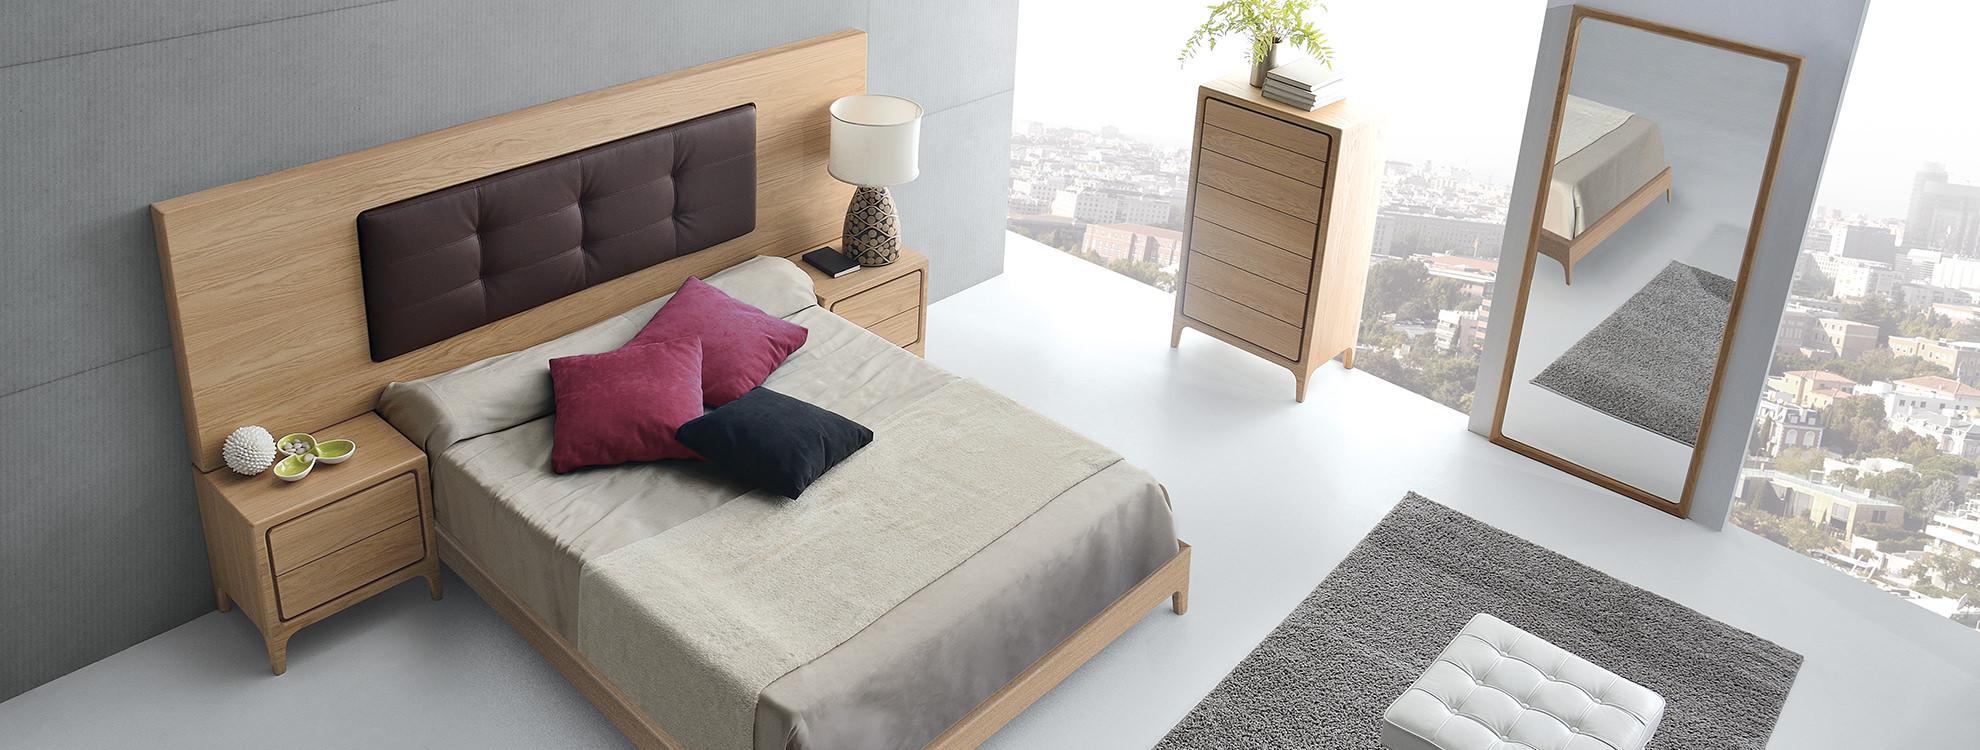 banner-dormitorio-diseno